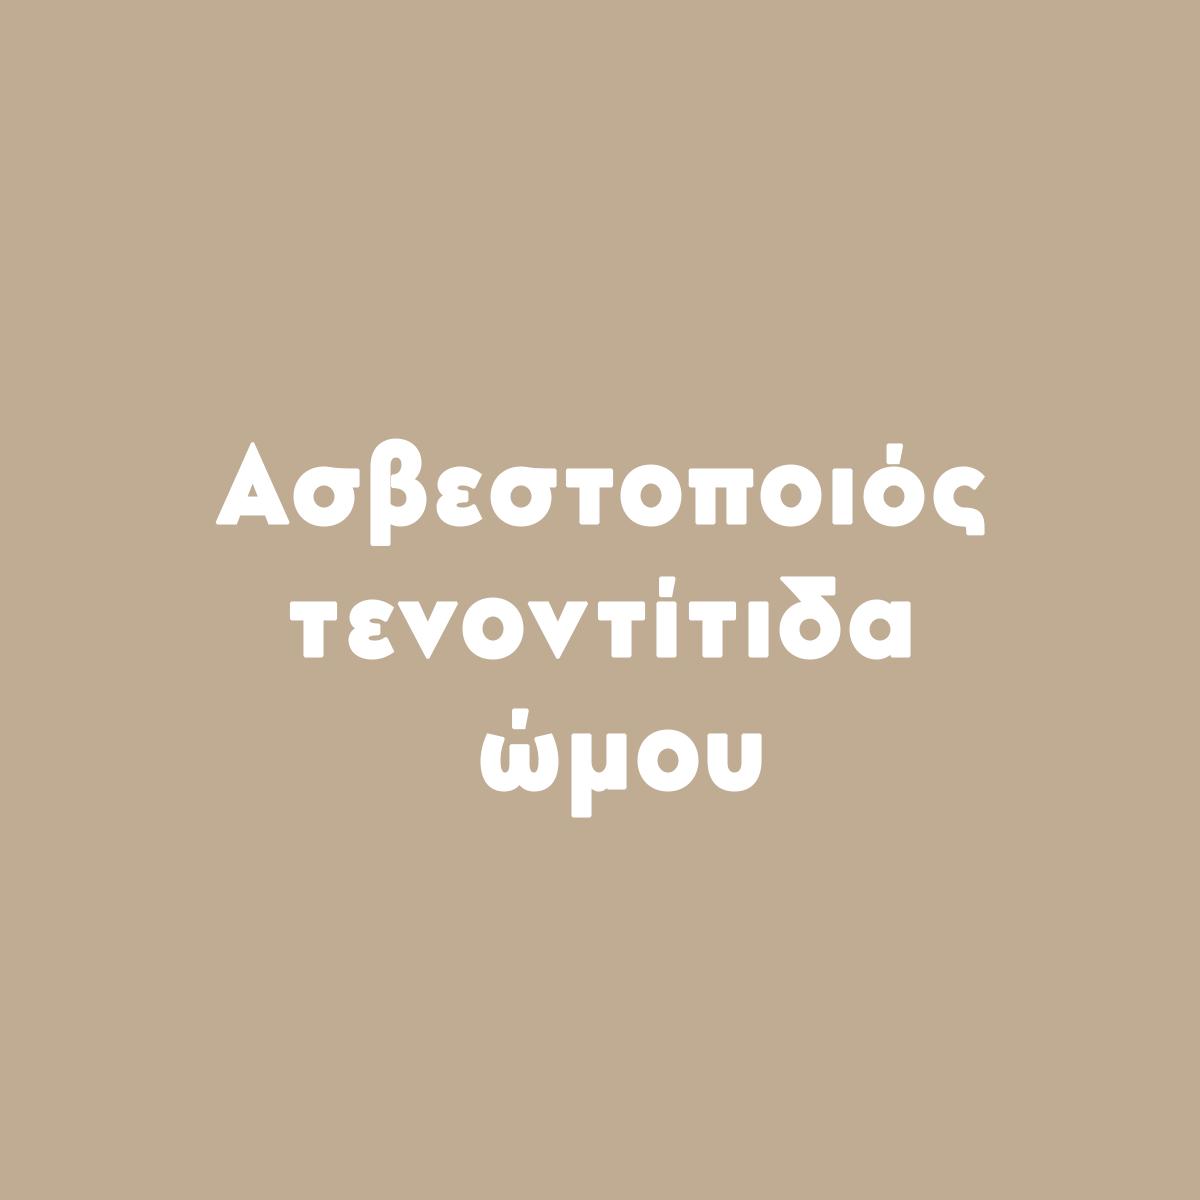 τενοντίτιδα ώμου